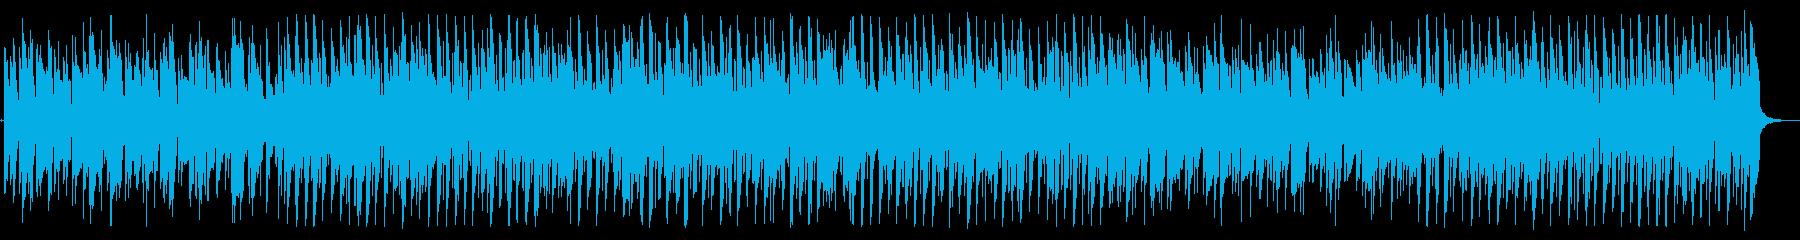 軽快なバウンシーポップの再生済みの波形